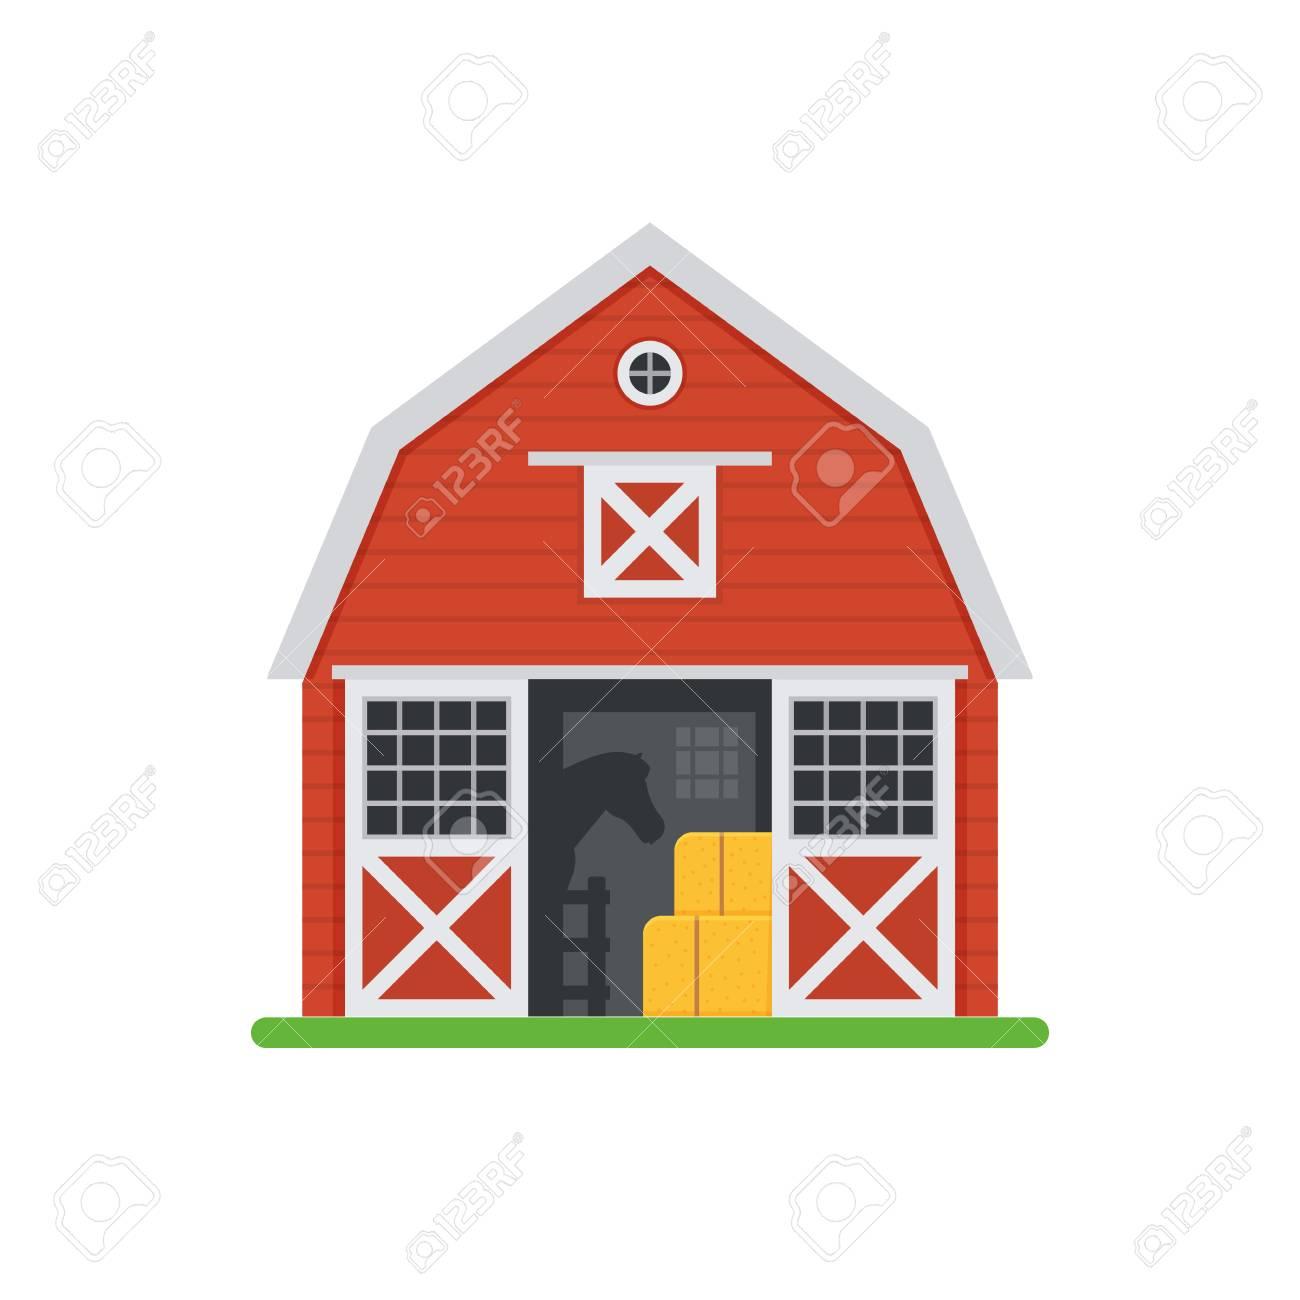 Ilustración Del Vector Del Granero Del Caballo Rojo Construcción De Establos De Madera Con Puertas Abiertas Y Pajar Antiguo Graneros De Caballos